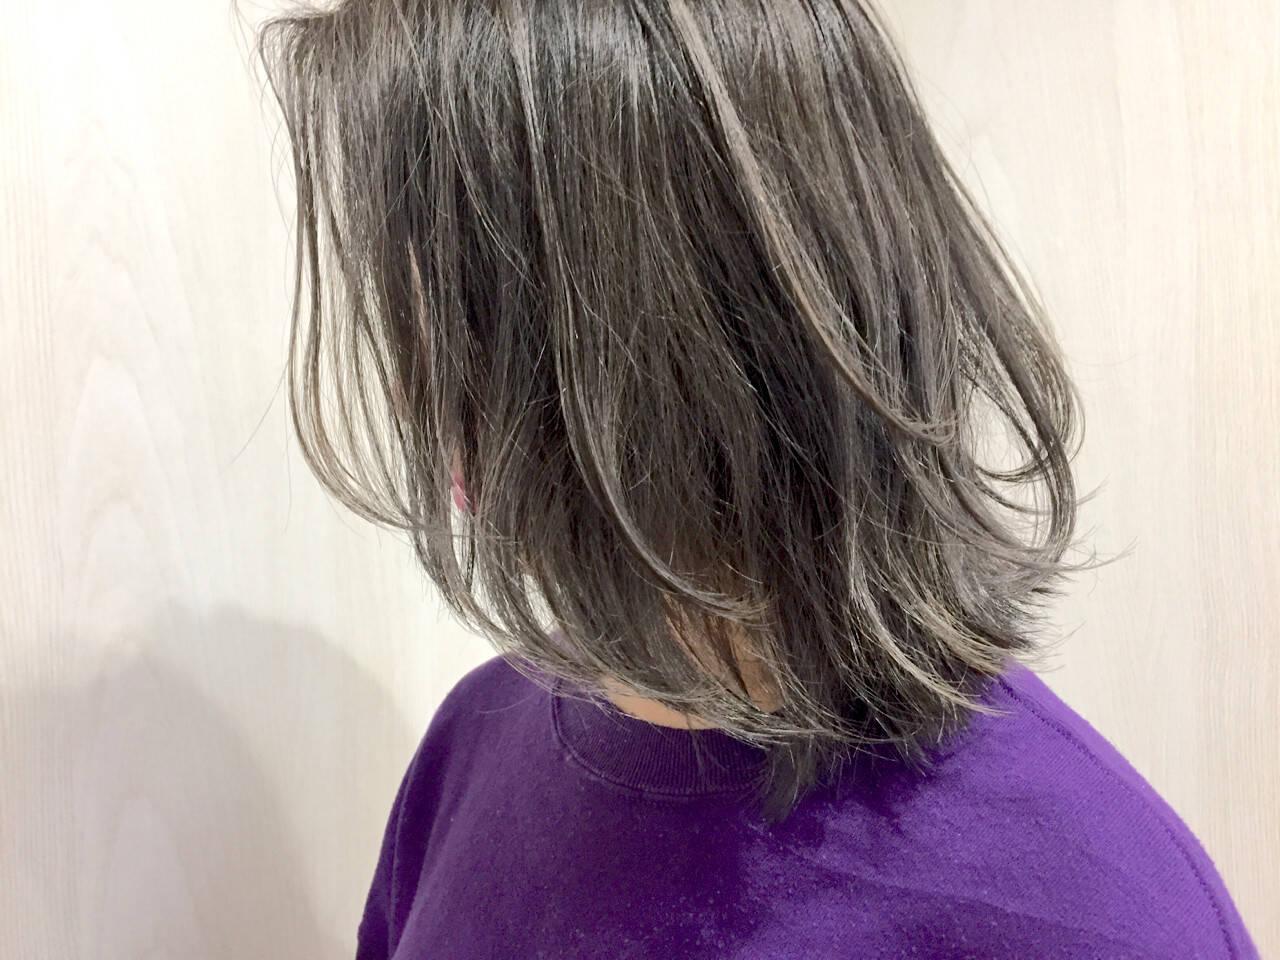 ミディアム アッシュ ストリート ハイライトヘアスタイルや髪型の写真・画像